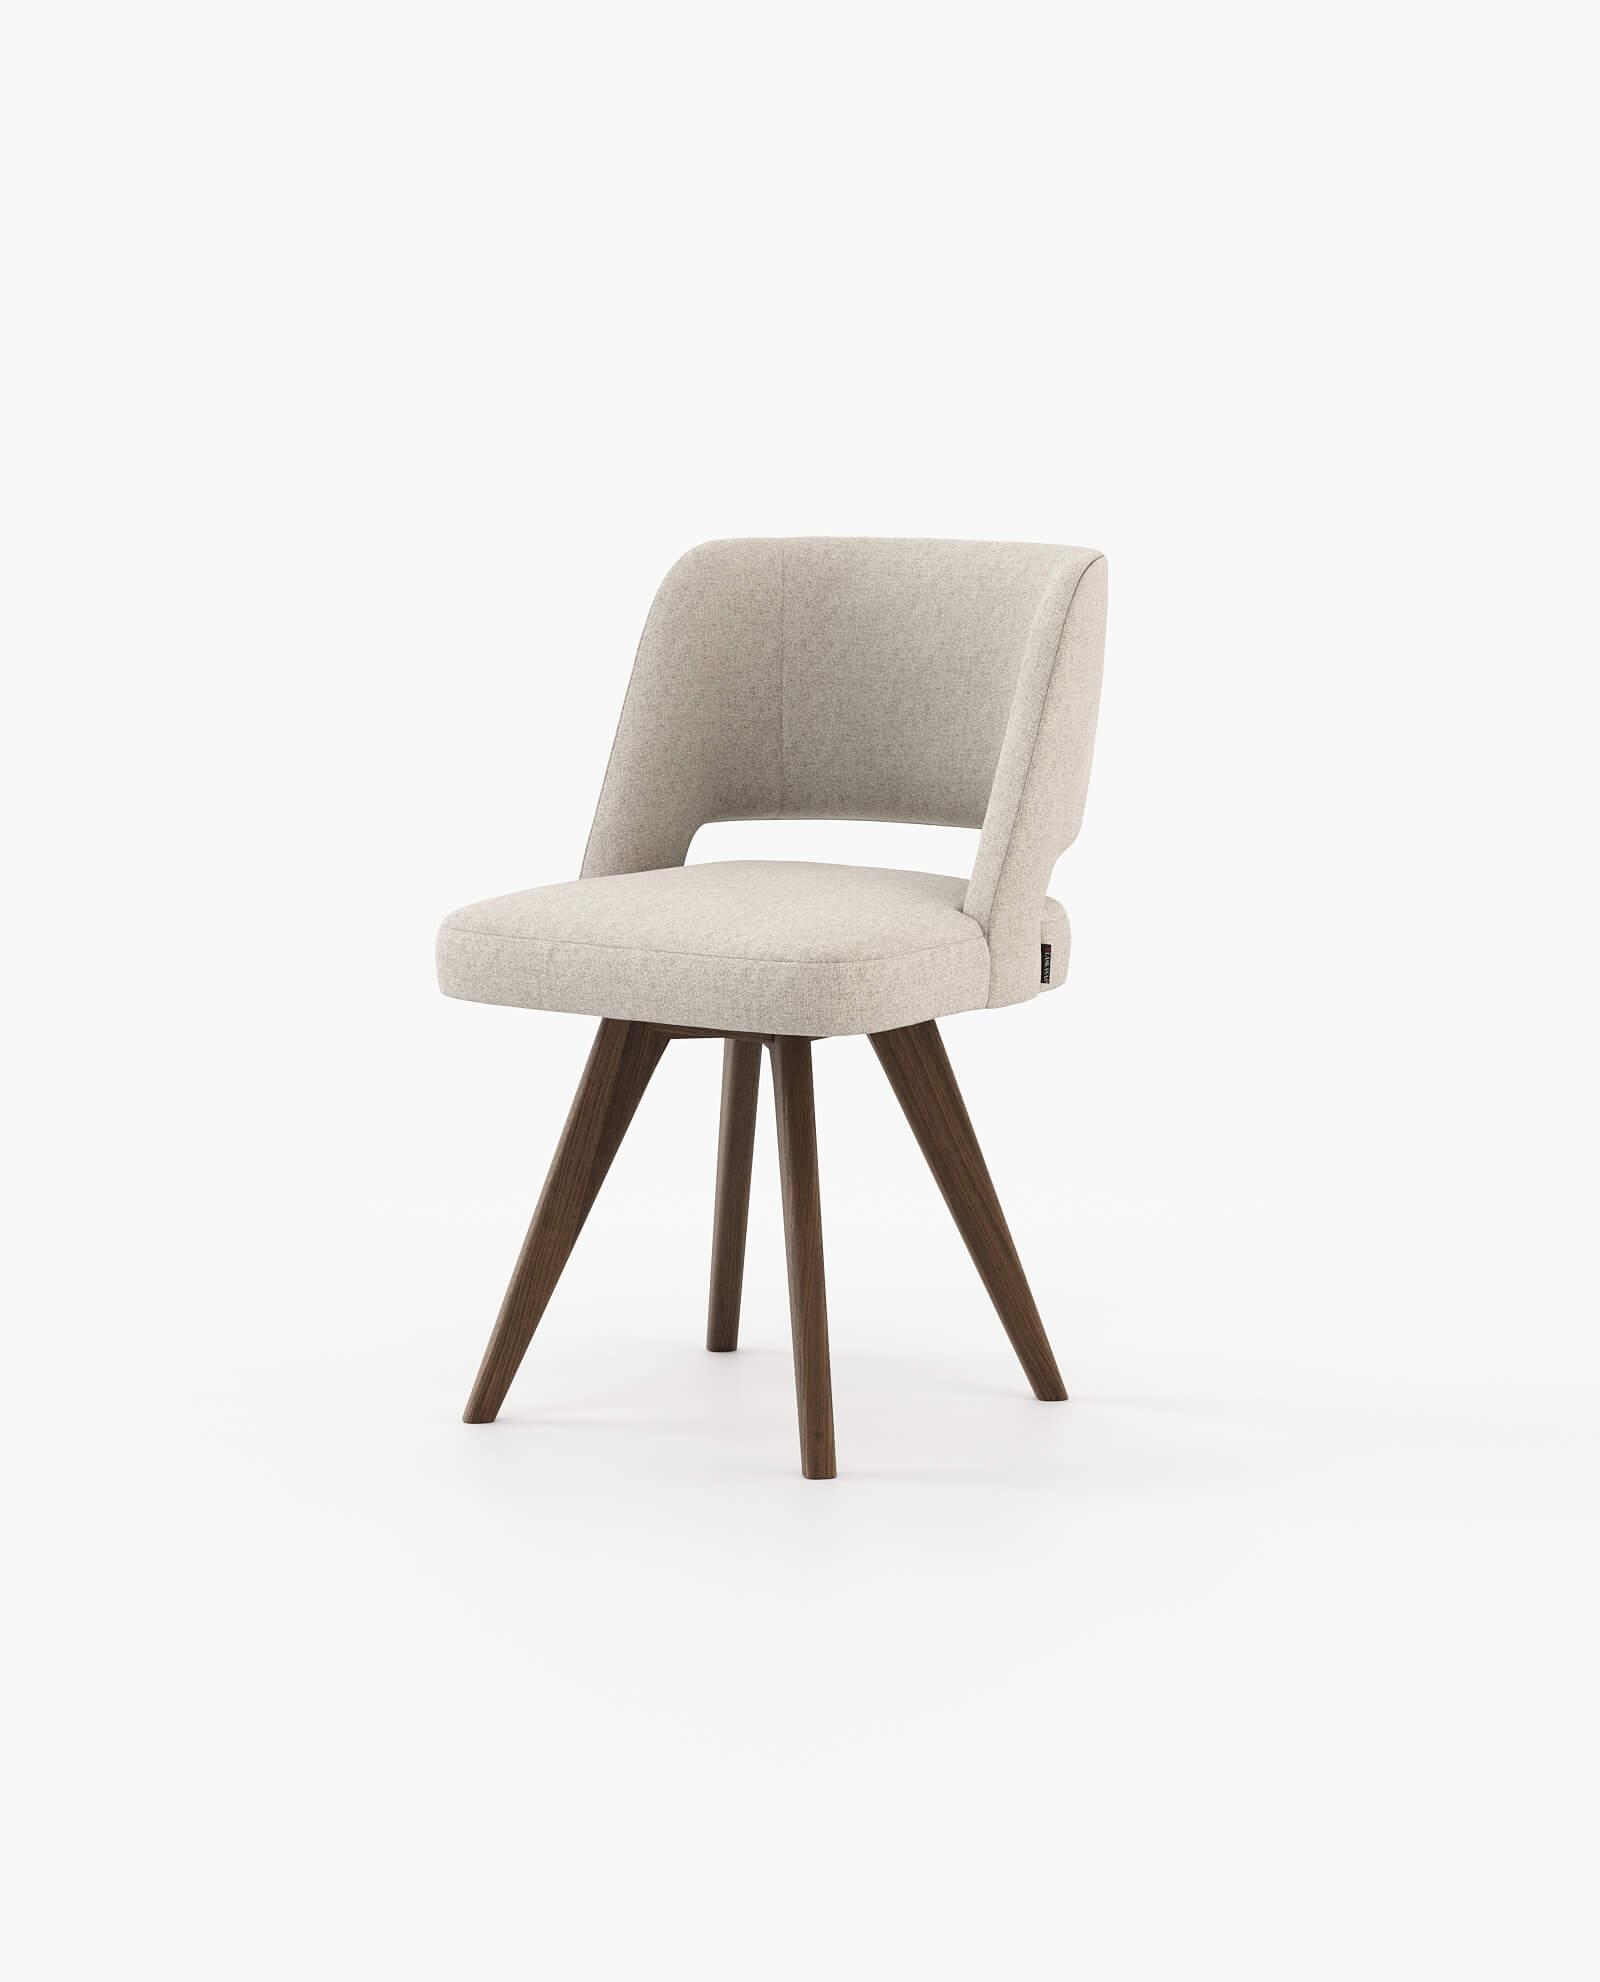 Cadeira Prestige em Tecido Alinhado Sand e Nogueira